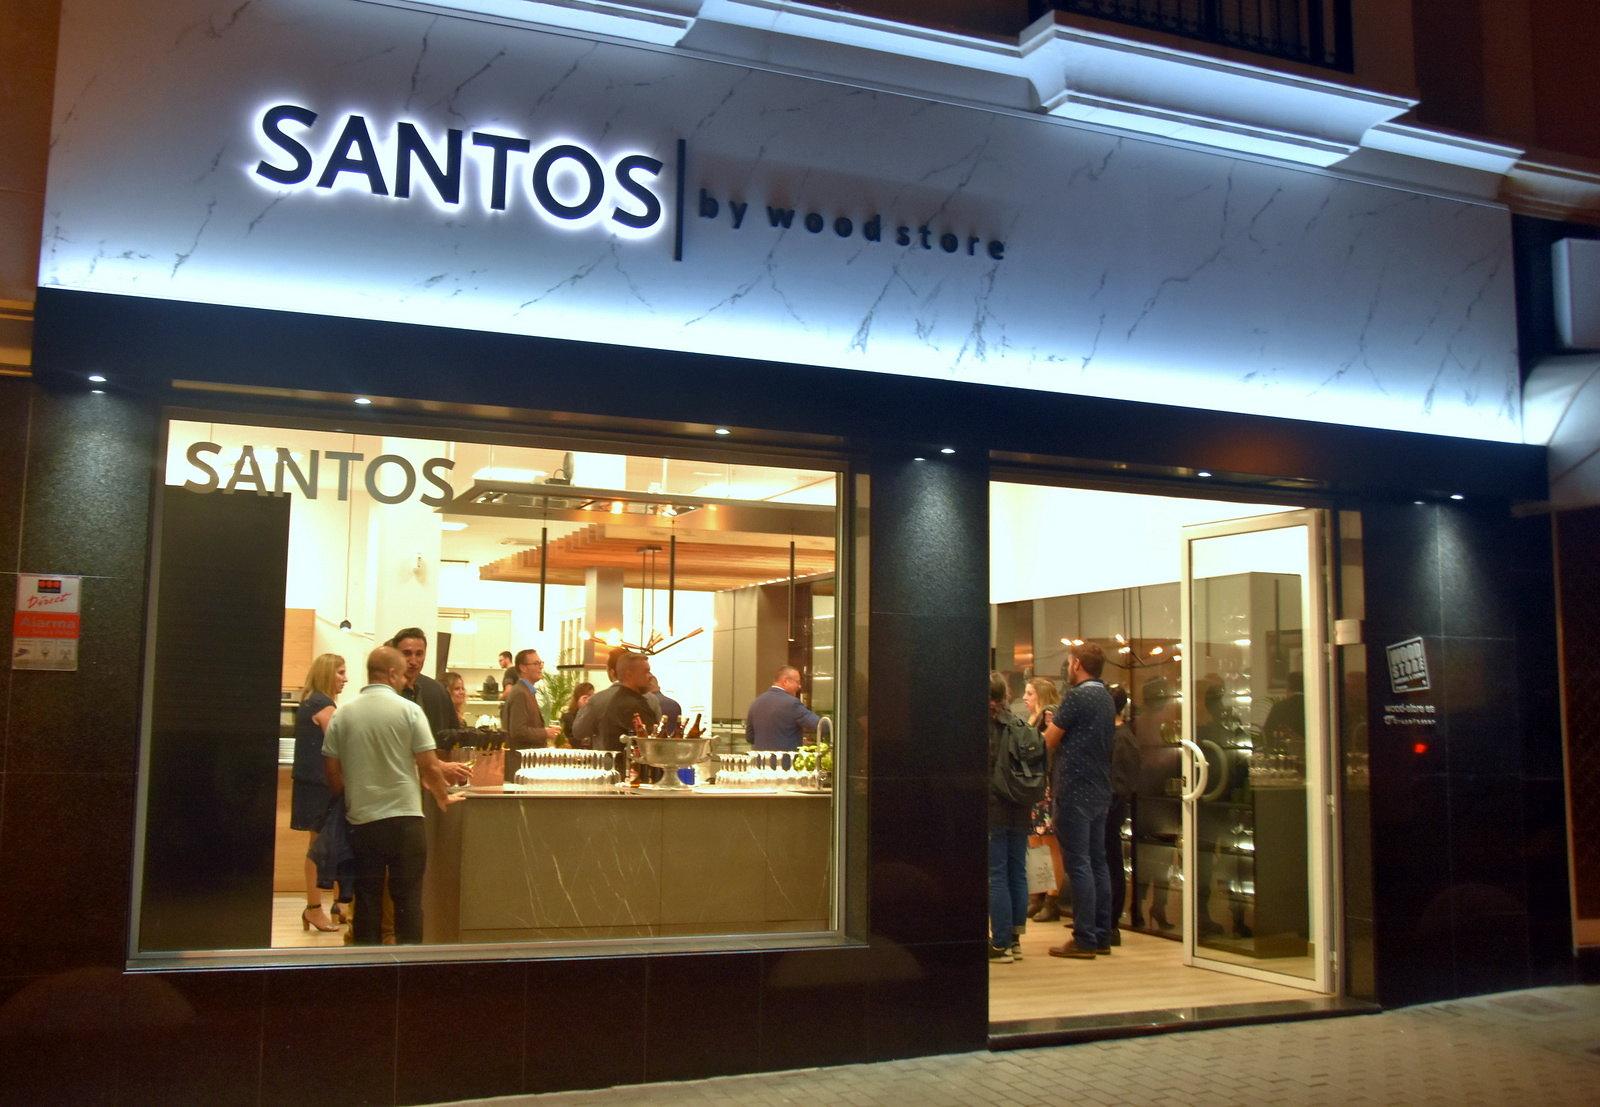 Wood Store inaugura en Lanzarote un nuevo espacio de exposición de cocinas Santos